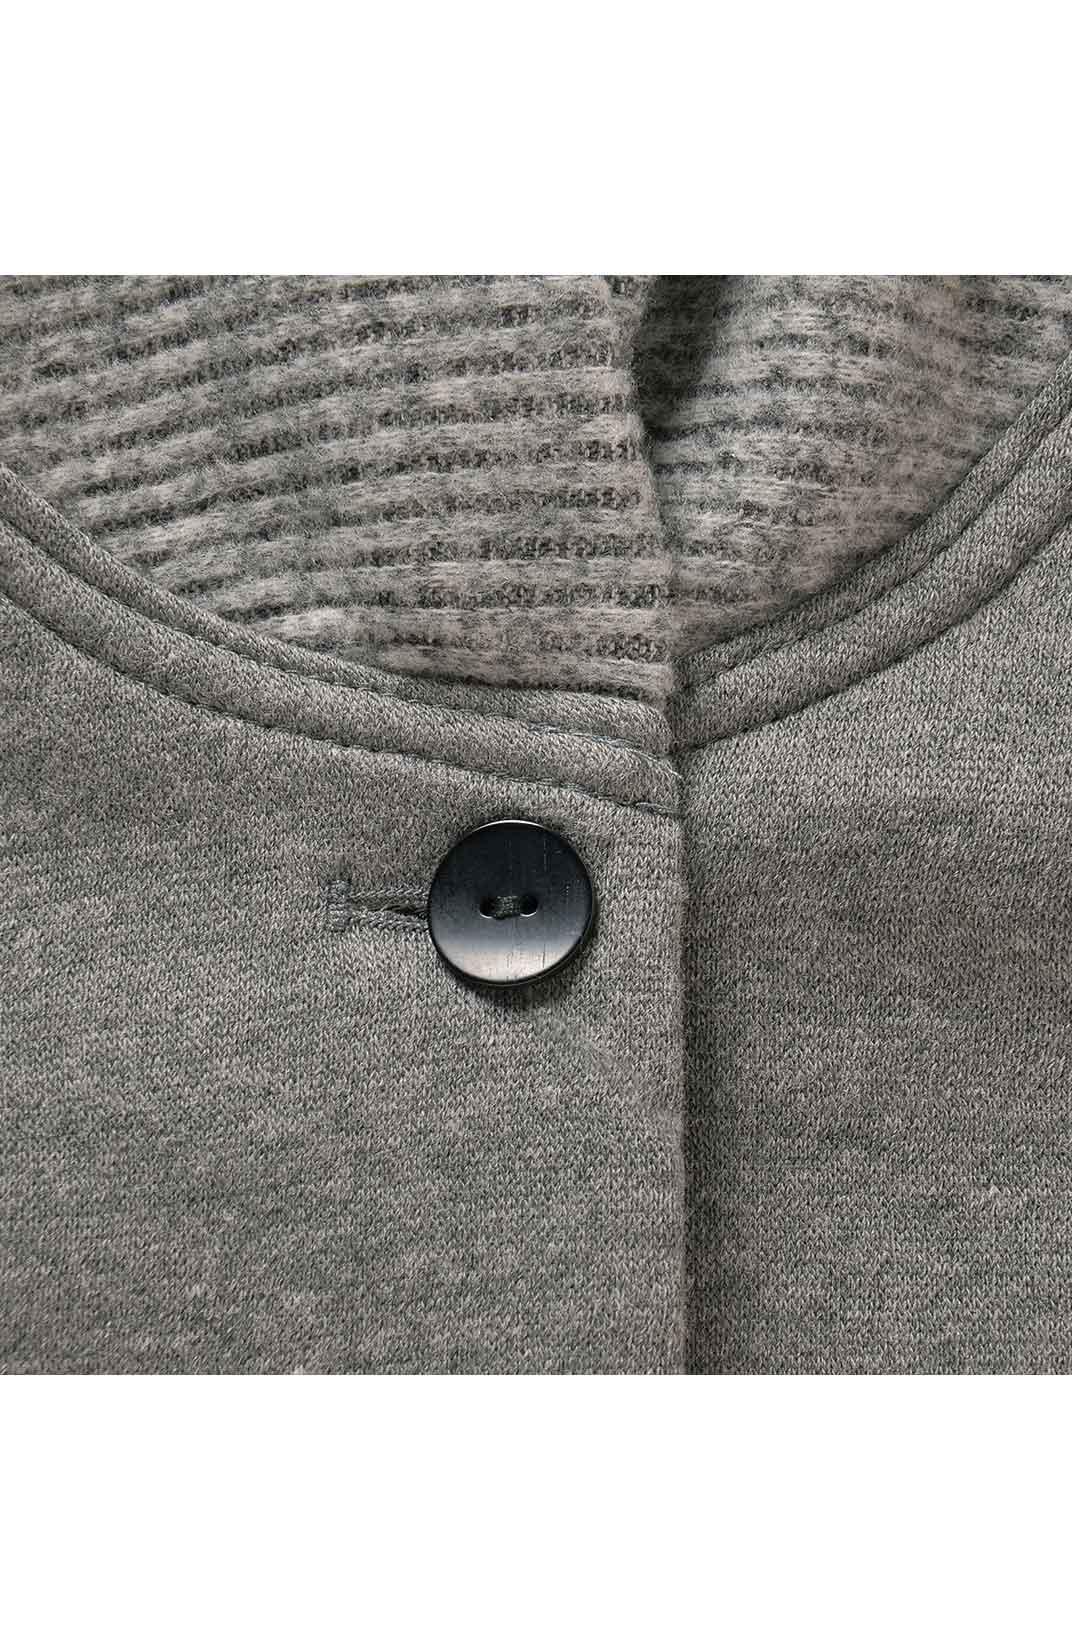 リブ編みのニットが首すじにそっと寄り添って、冷たい風から守ります。